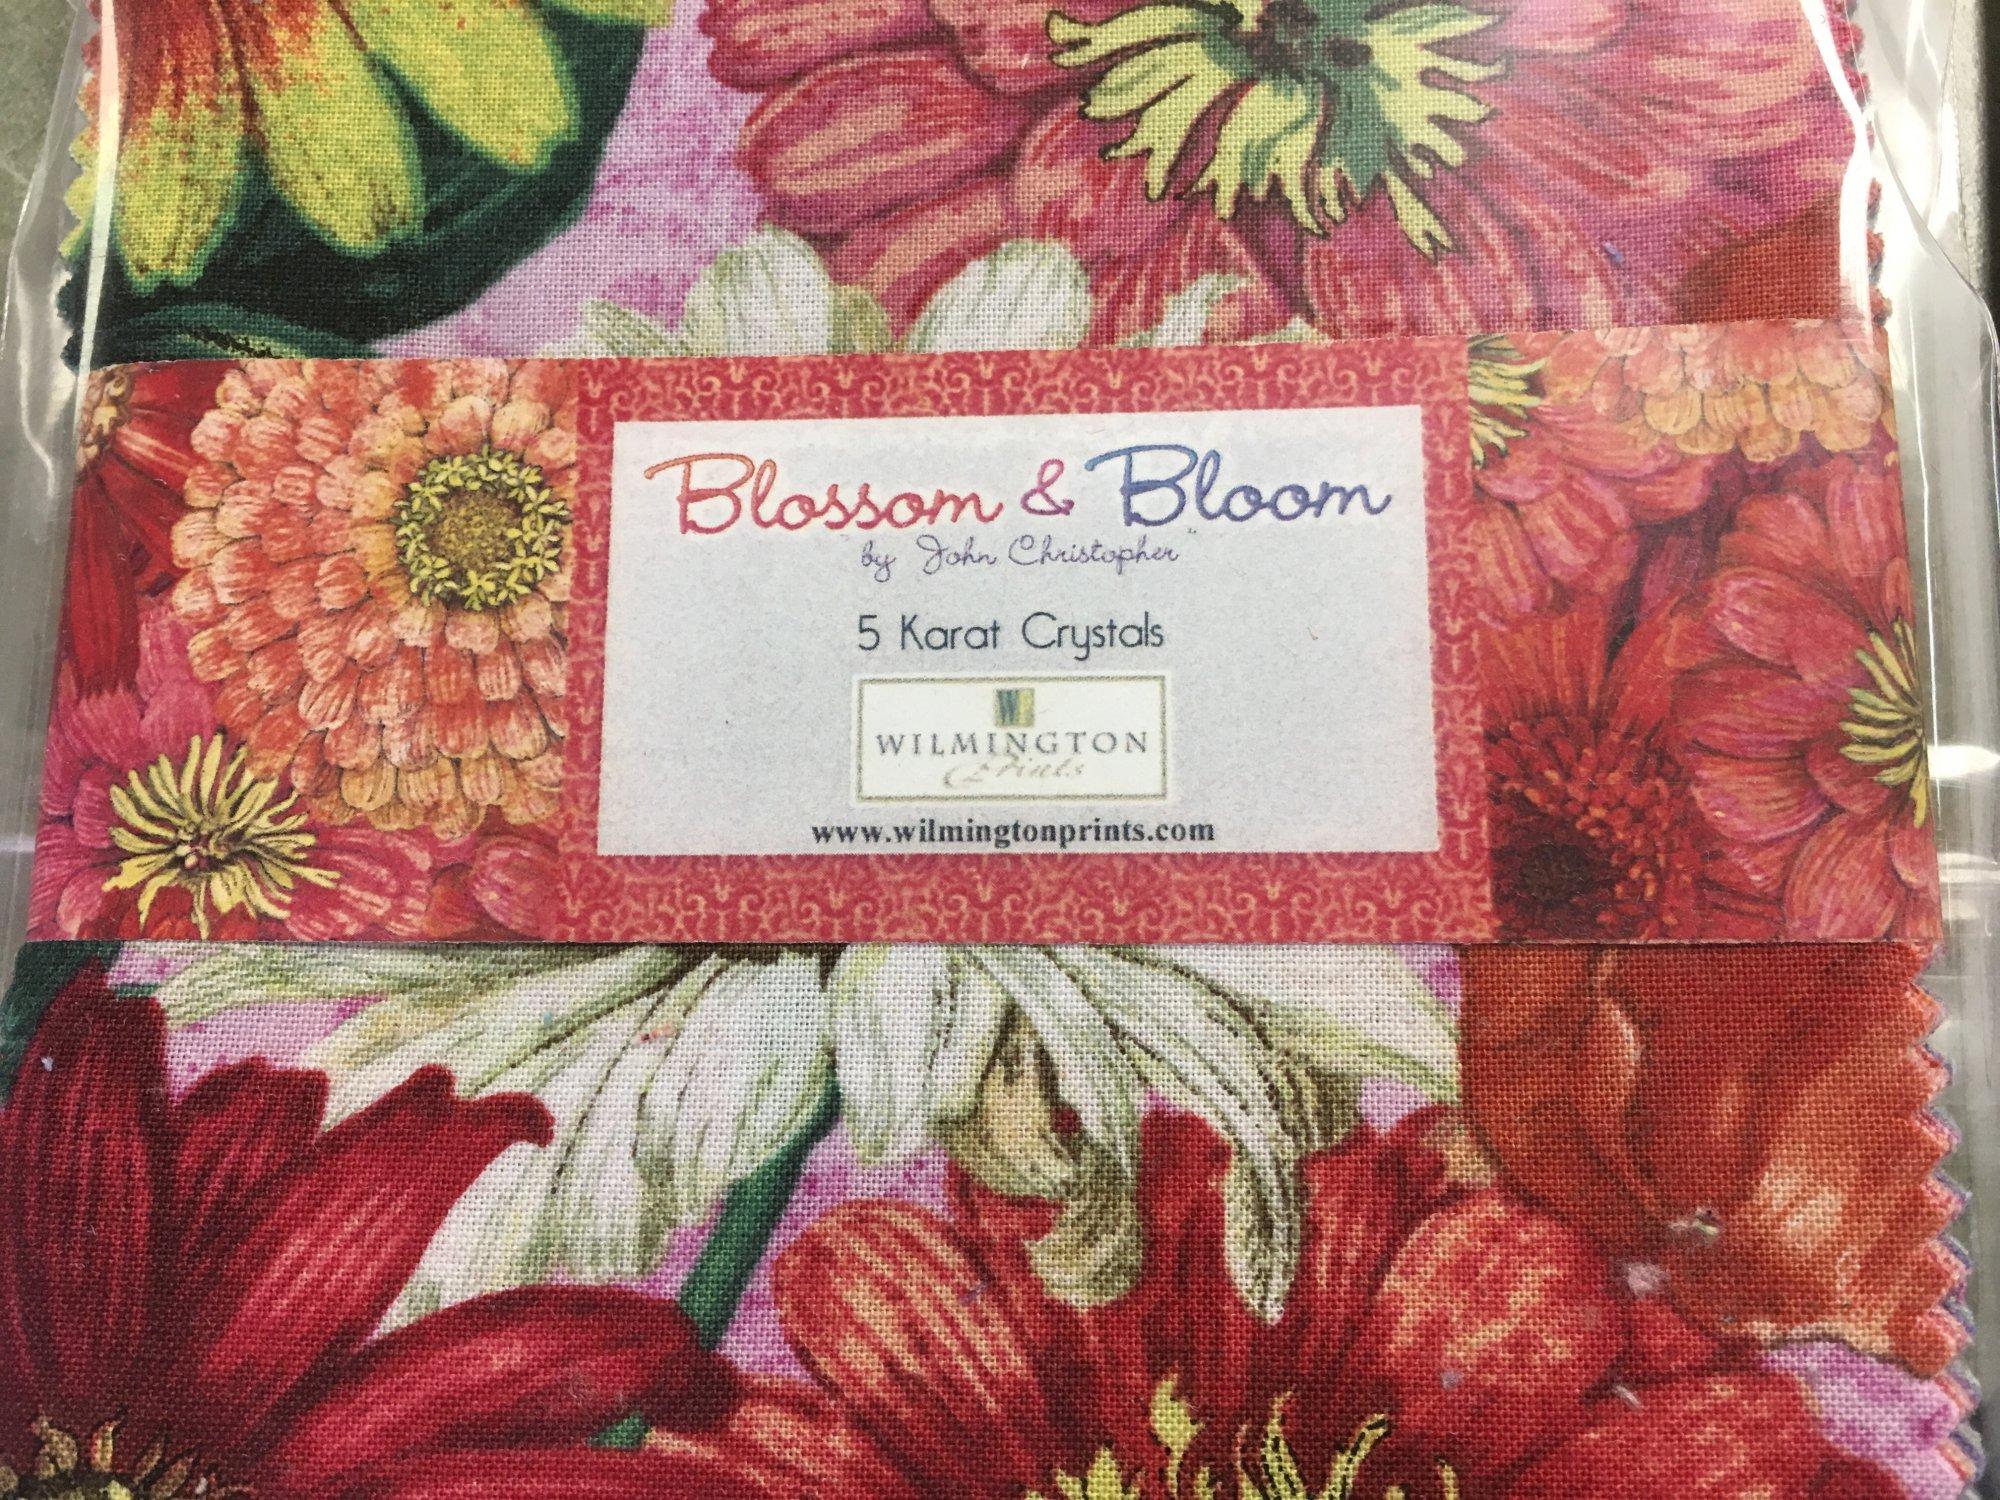 Blossom & Bloom 5 Karat Crystals (42) 5 inch Squares